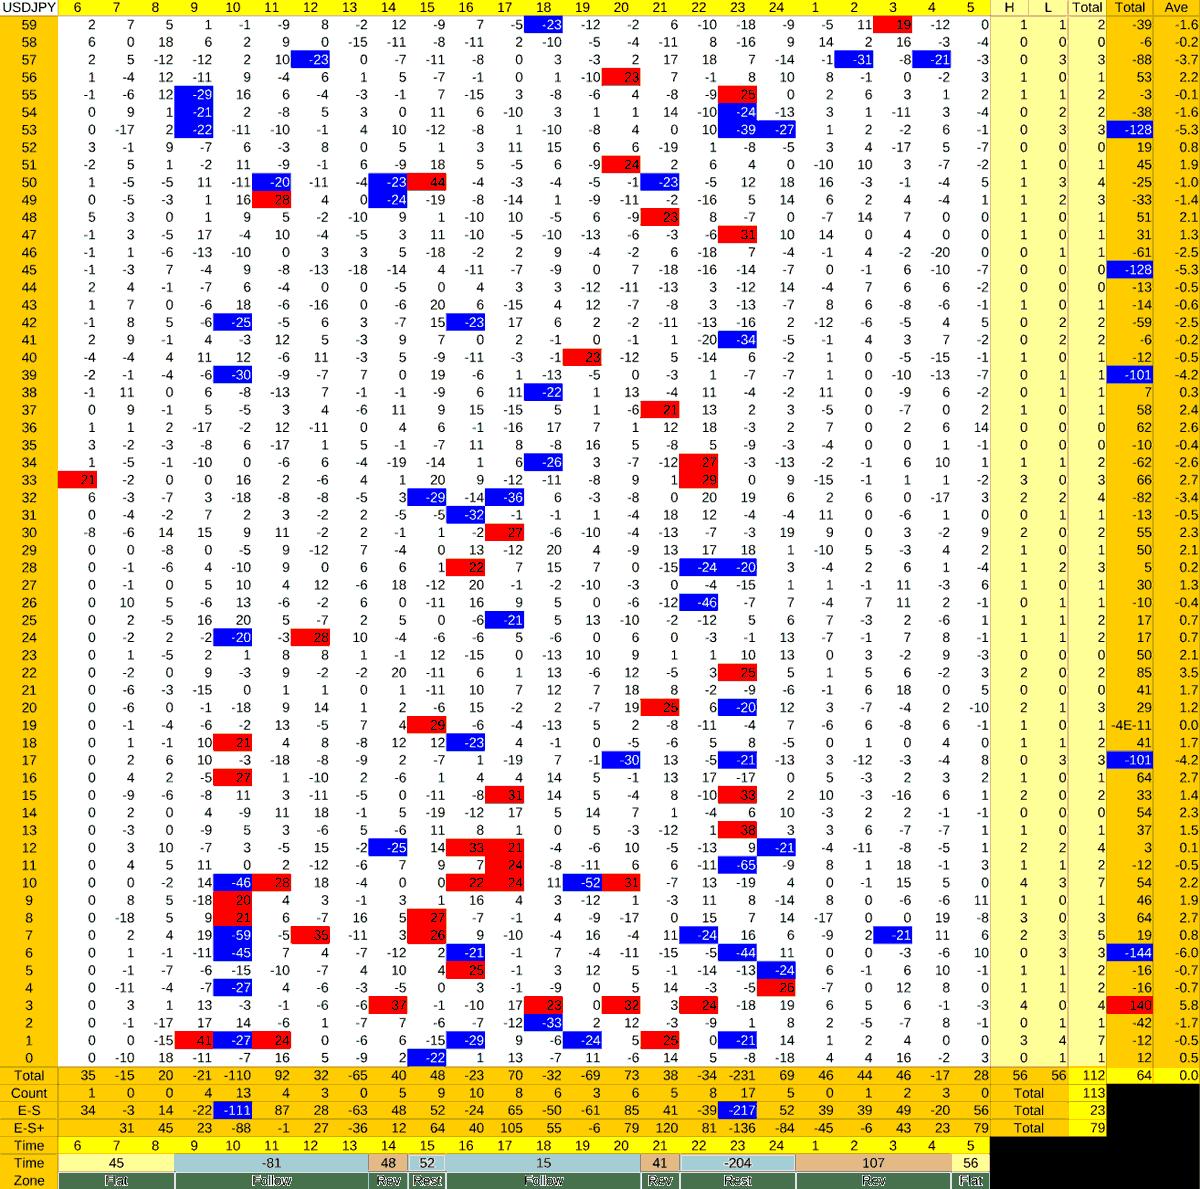 20210407_HS(1)USDJPY-